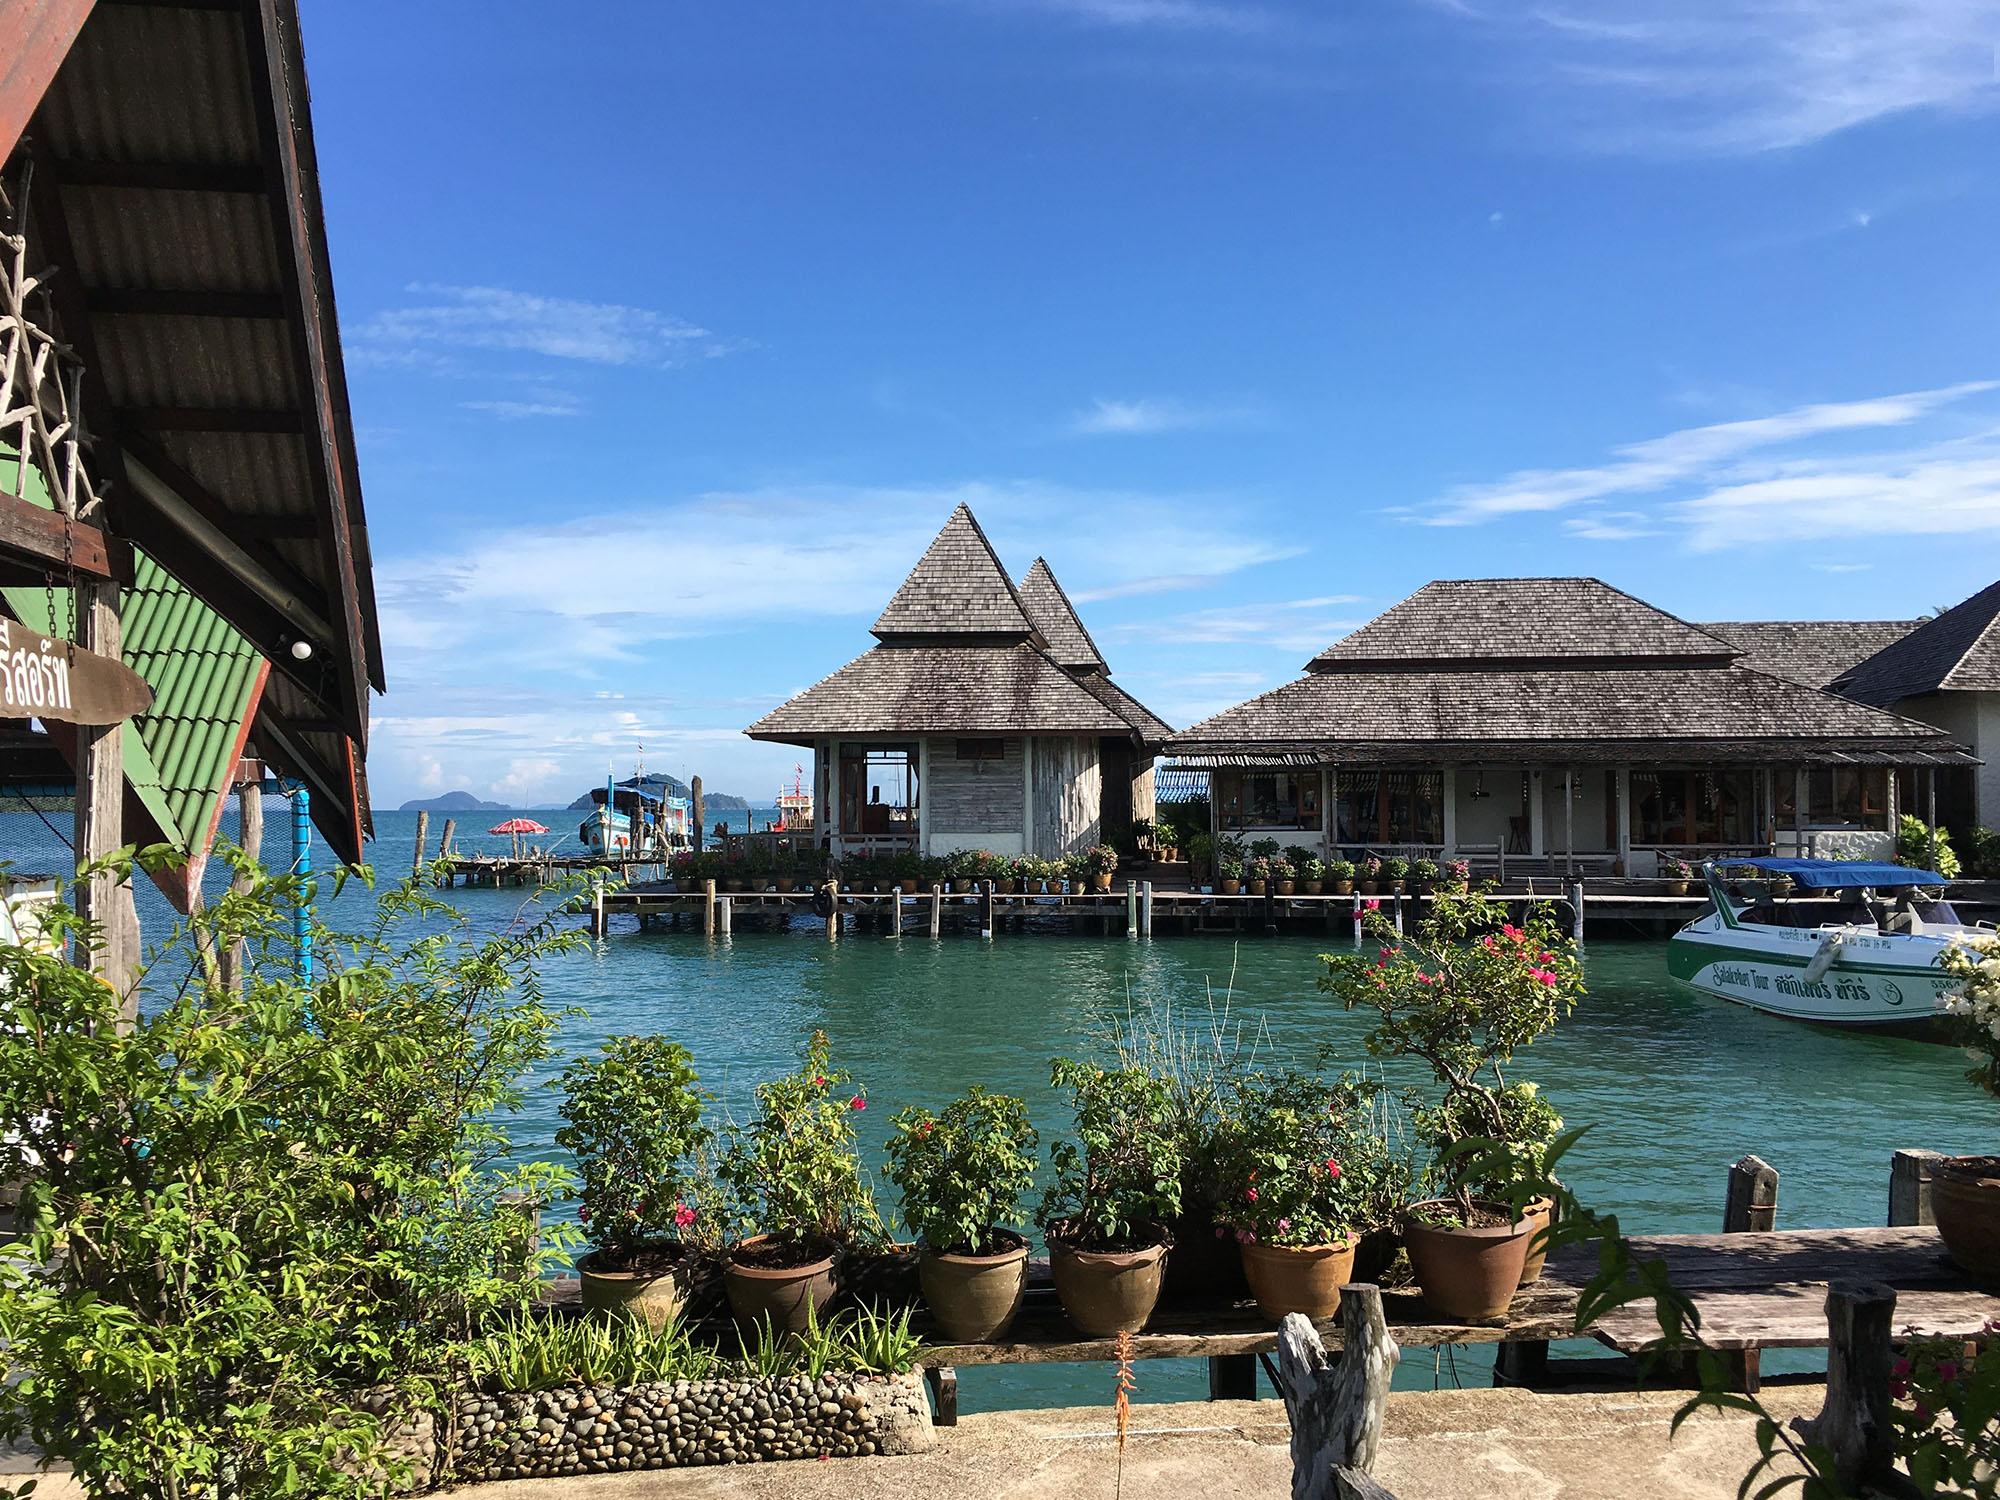 Kancelária na pláži: Pobyt v Thajsku v dobe Covidu